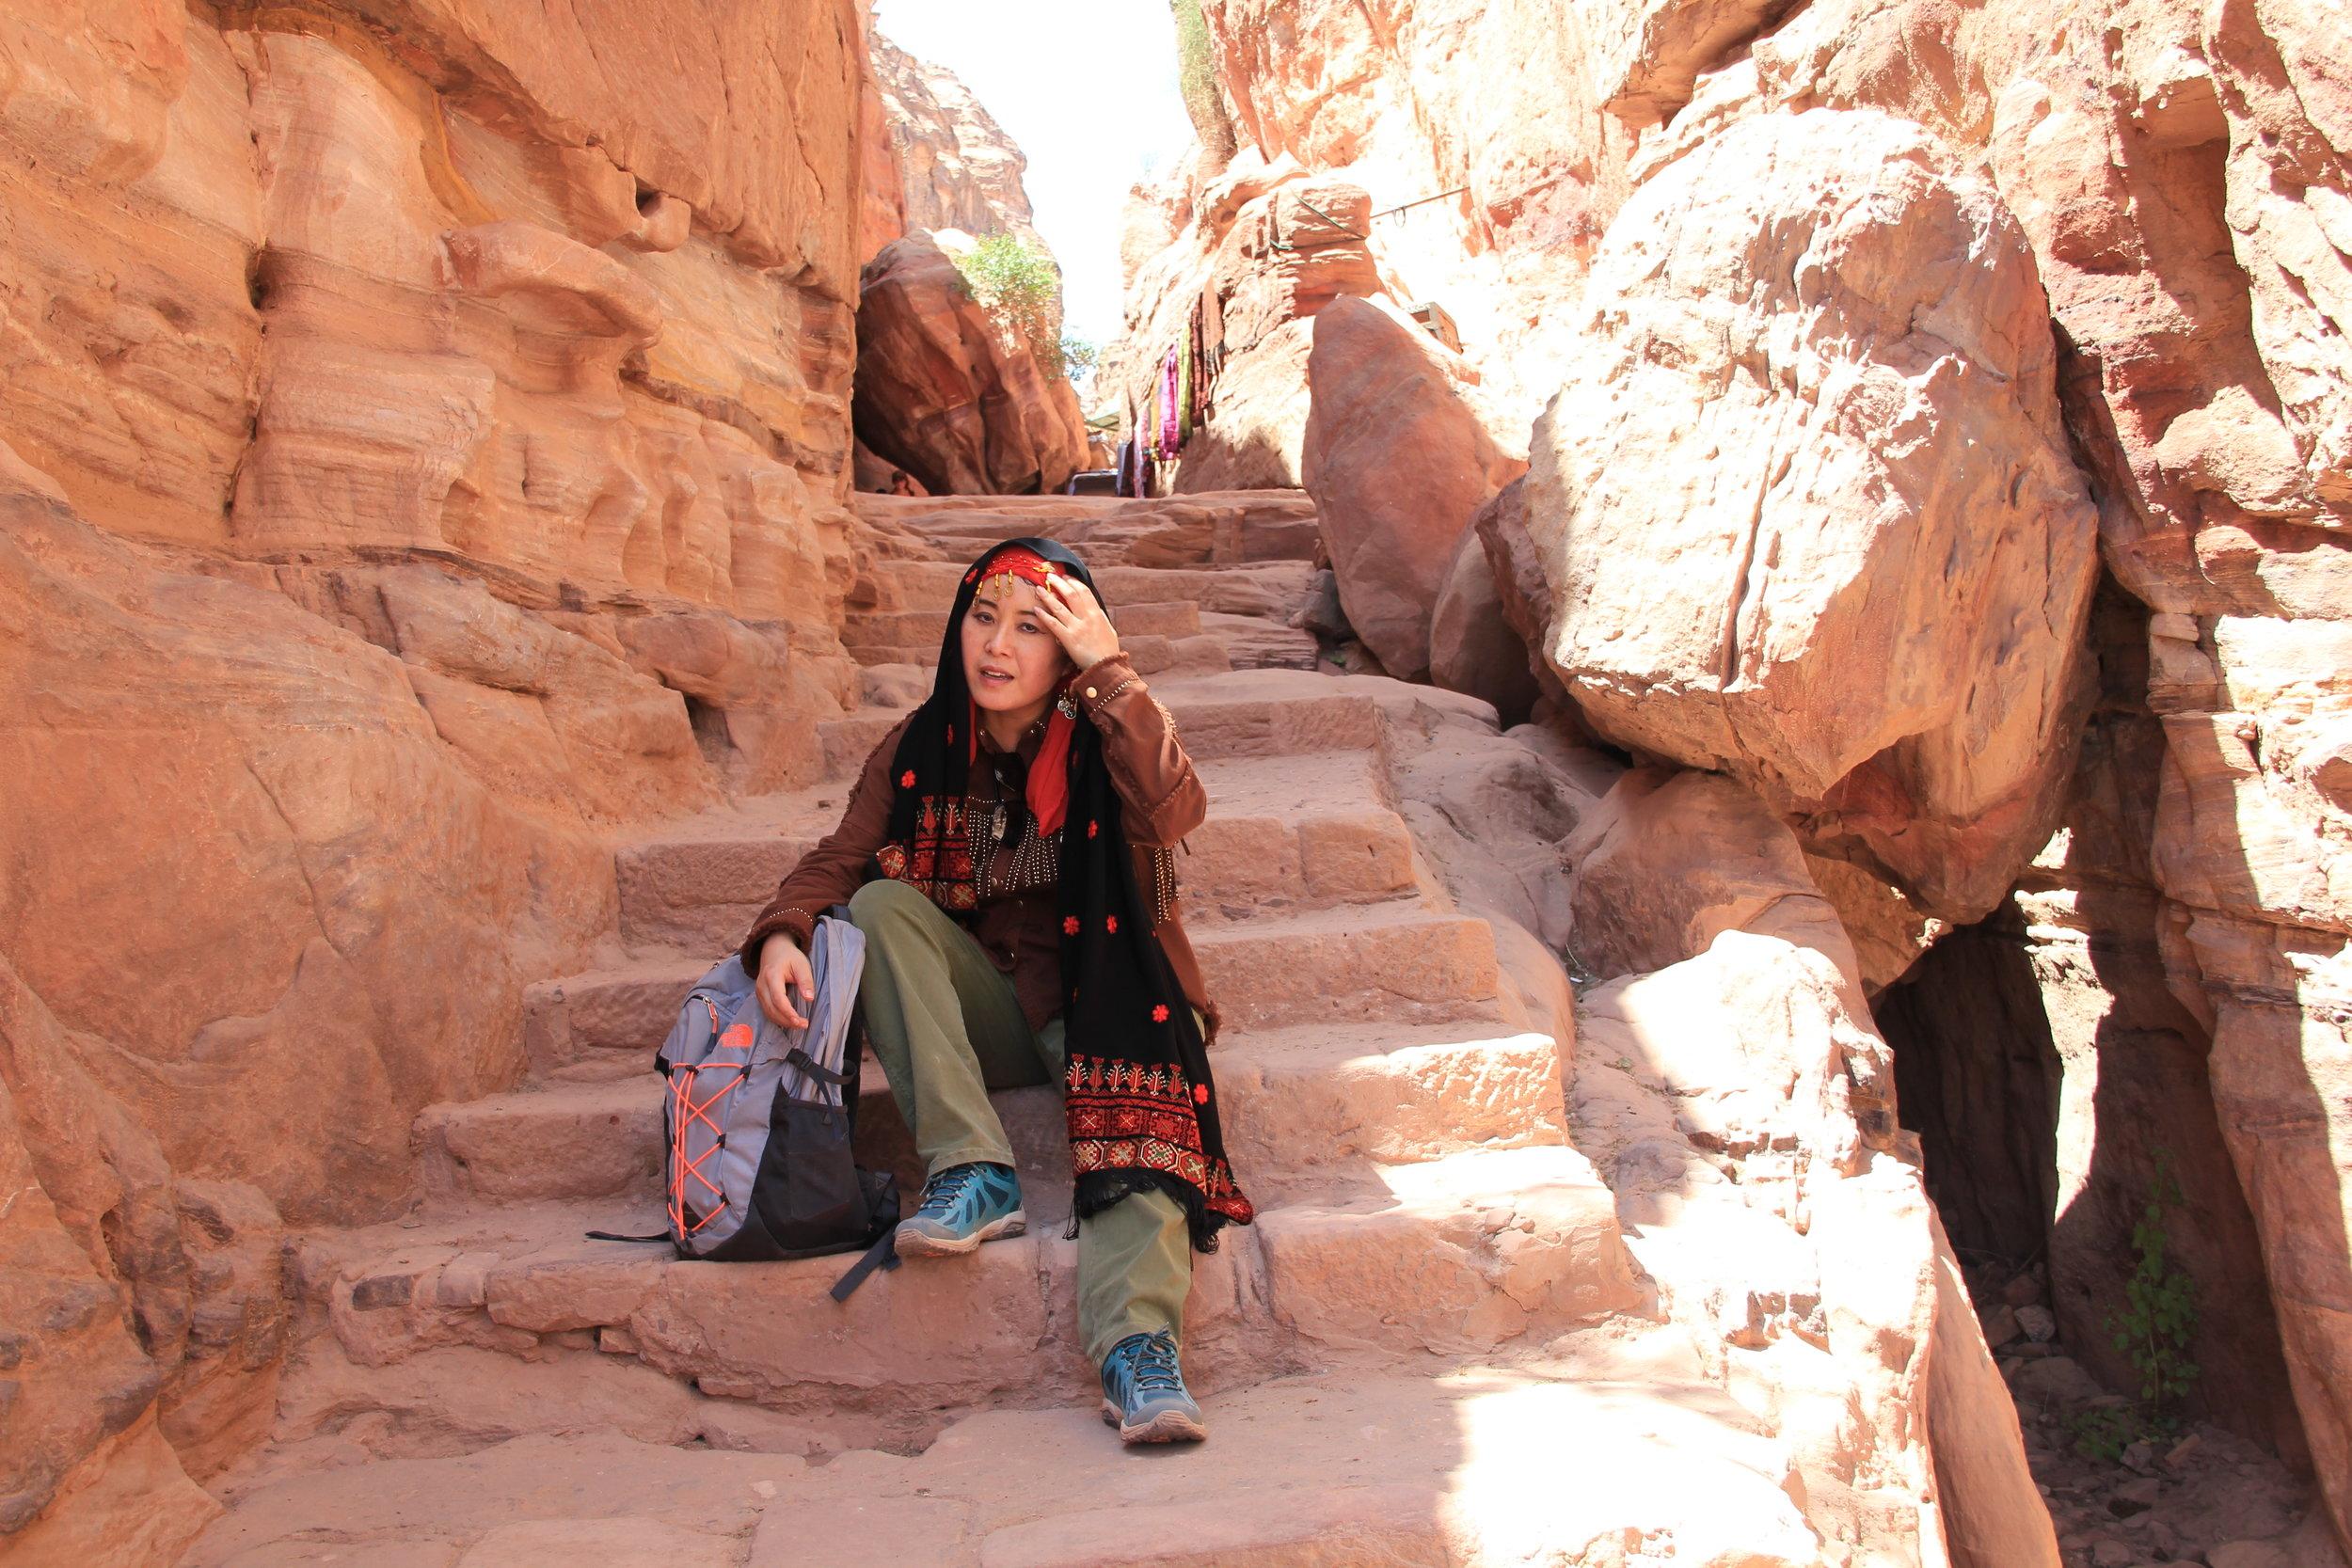 我太累了,坐在石阶上休息。